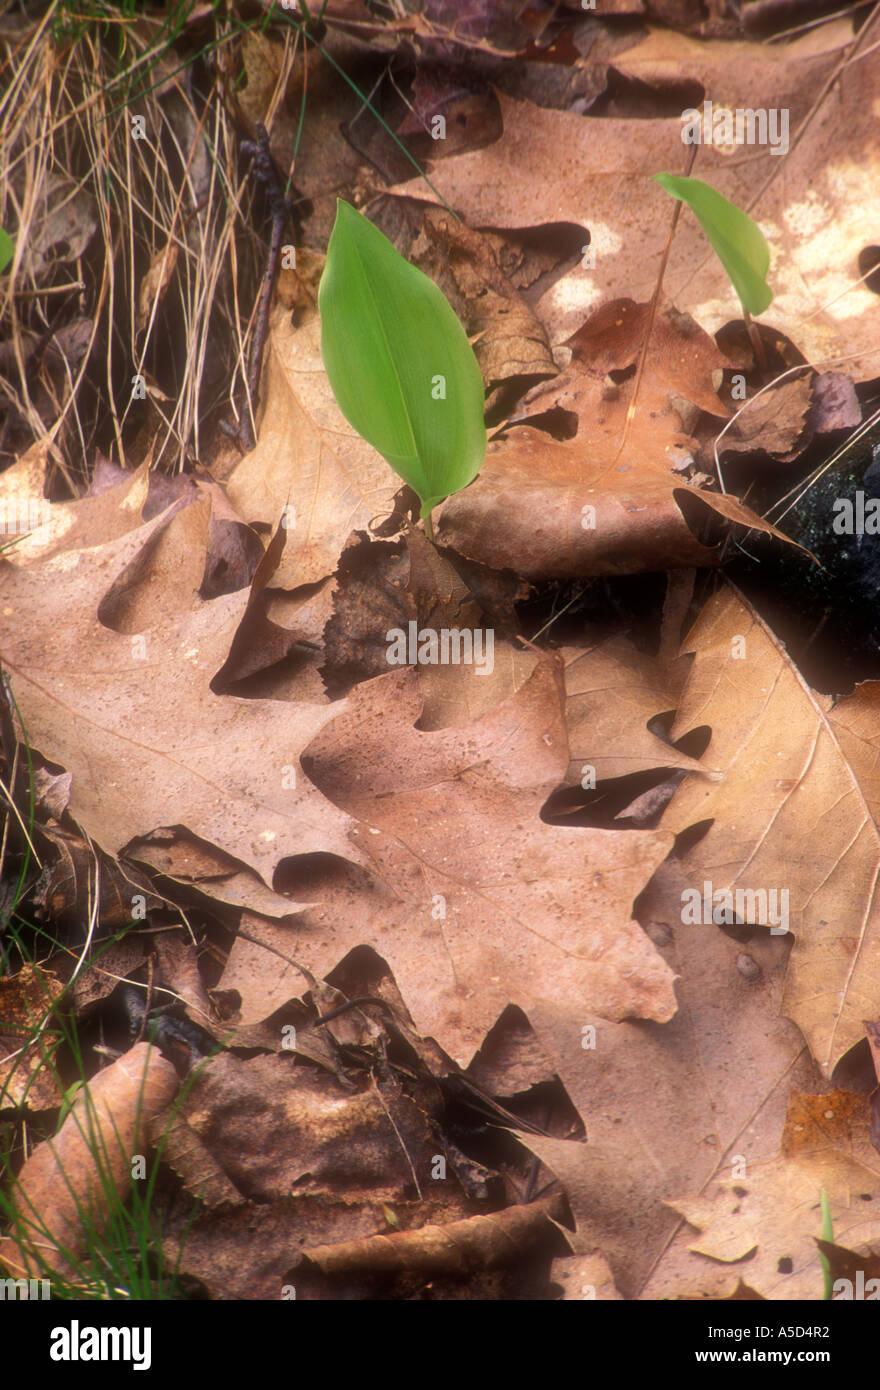 Kanada Mayflower (Maianthemum Canadense) Emerging Pflanze unter den gefallenen Eiche Blättern. Größere Sudbury Ontario Stockbild